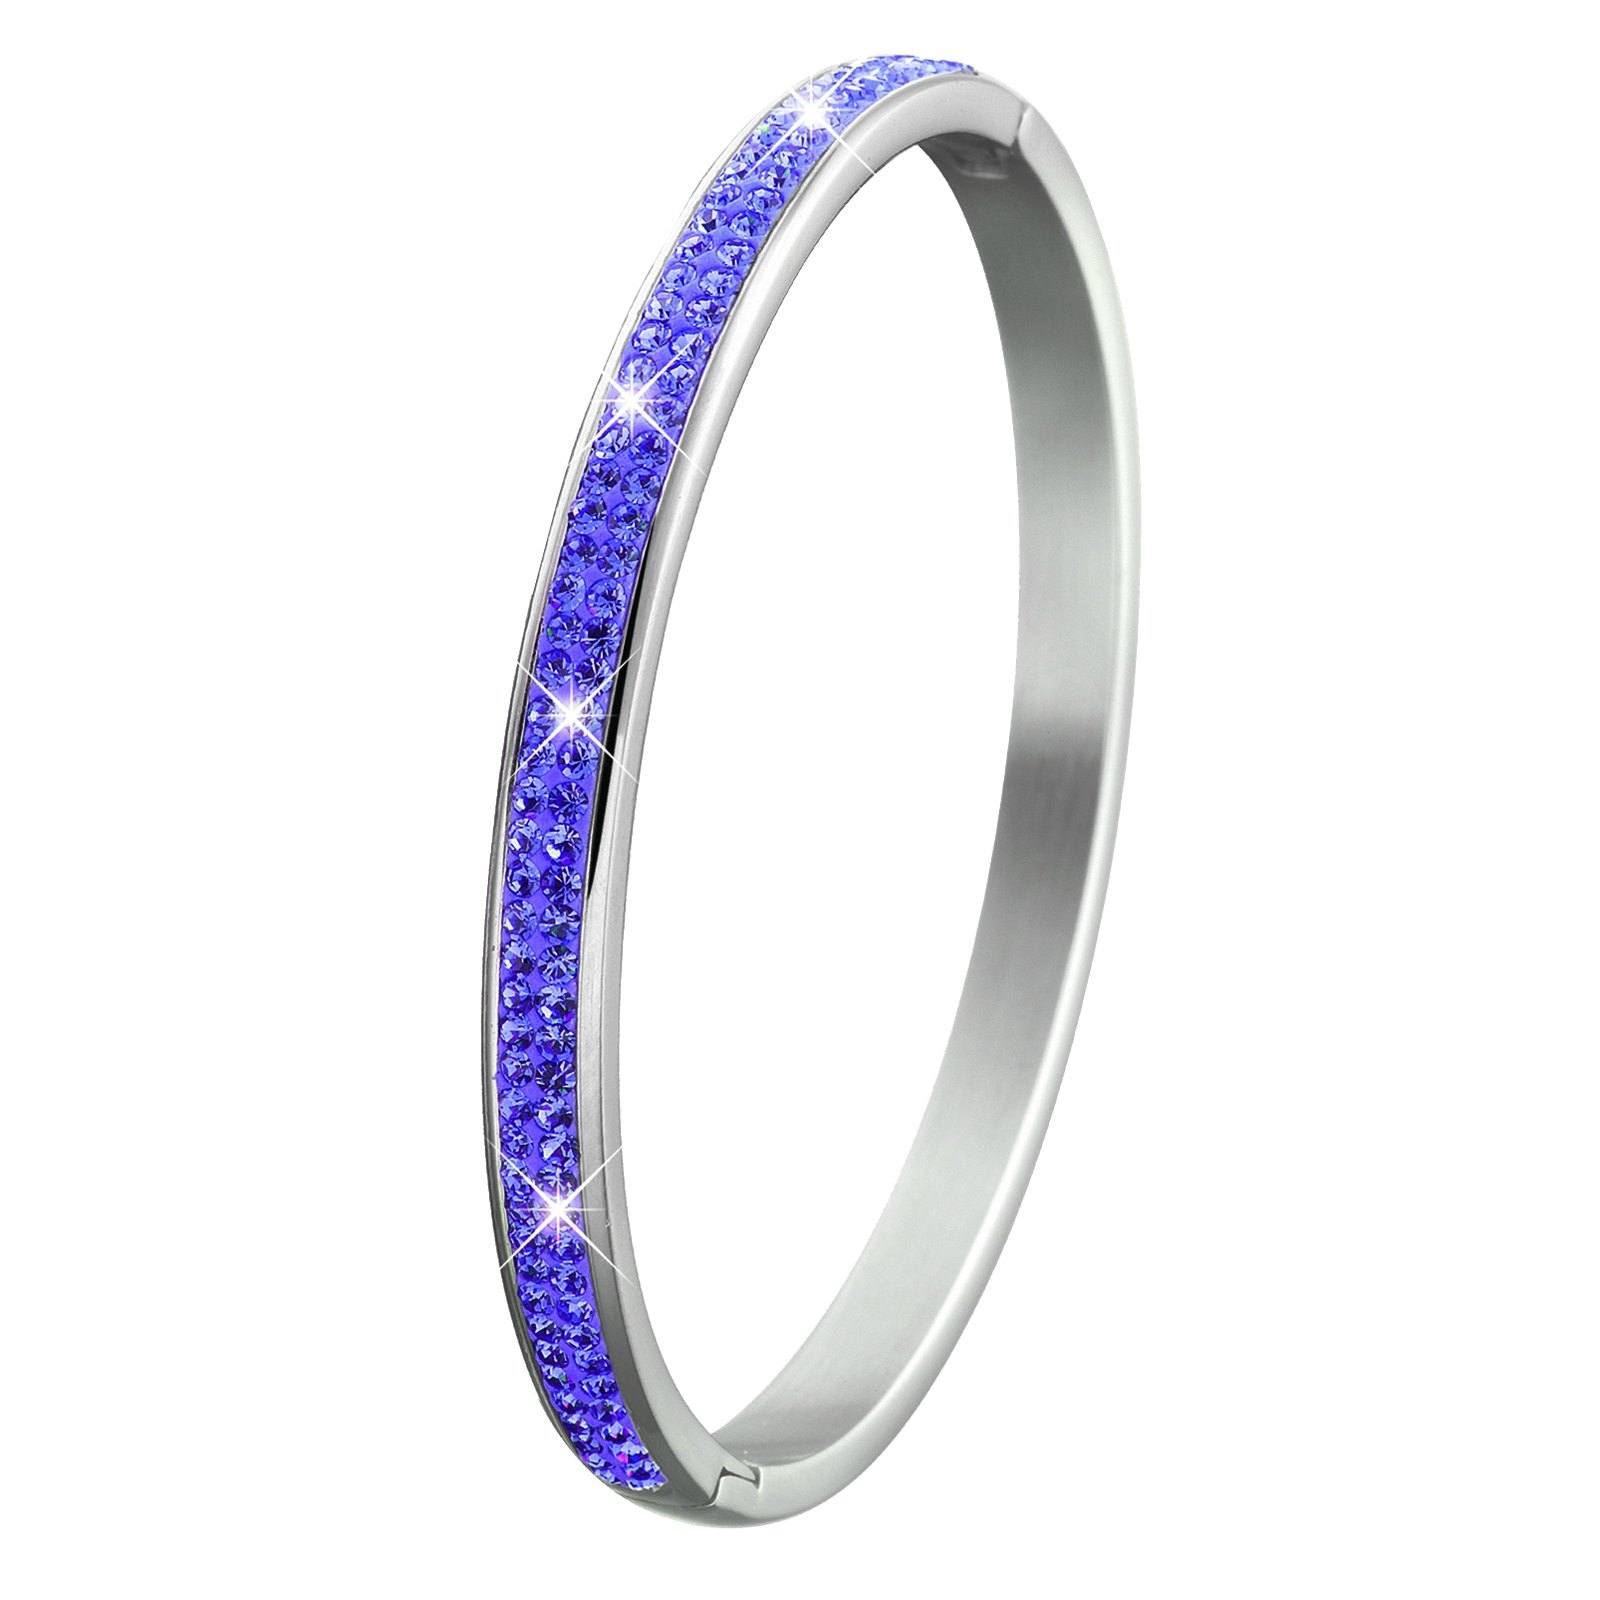 Armband för barn - bangle i stål med blå stenar